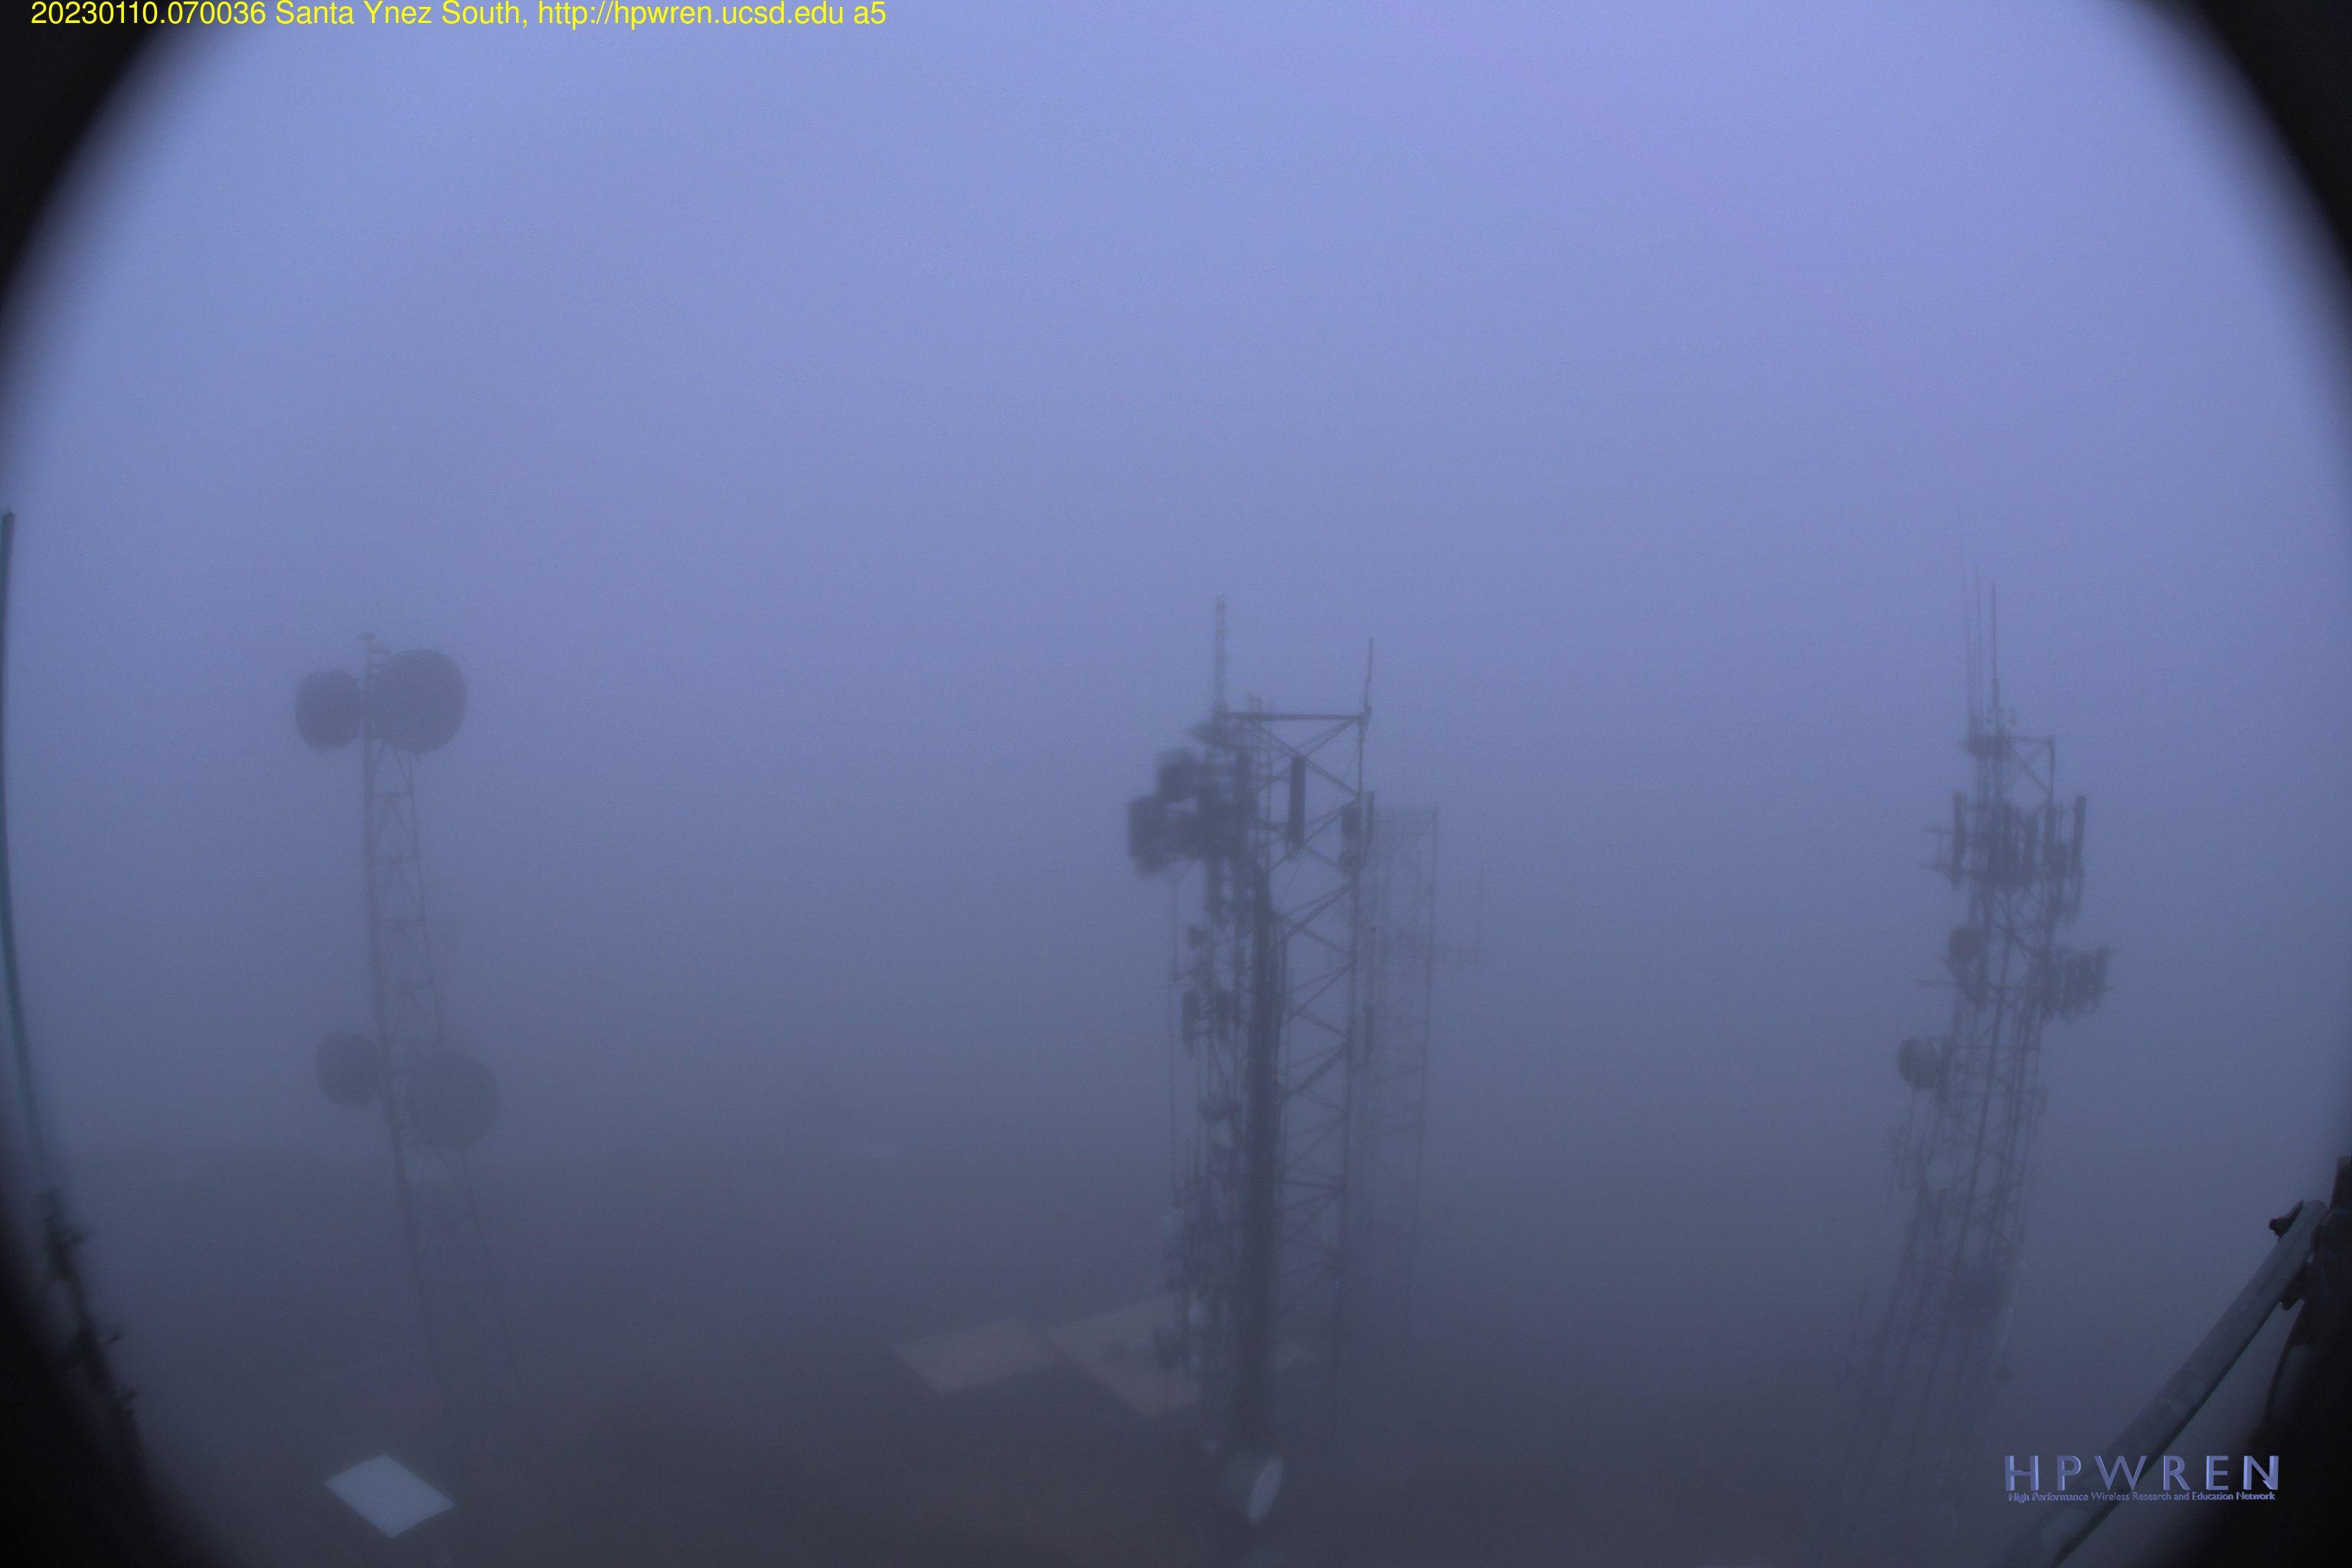 South Santa Ynez Peak